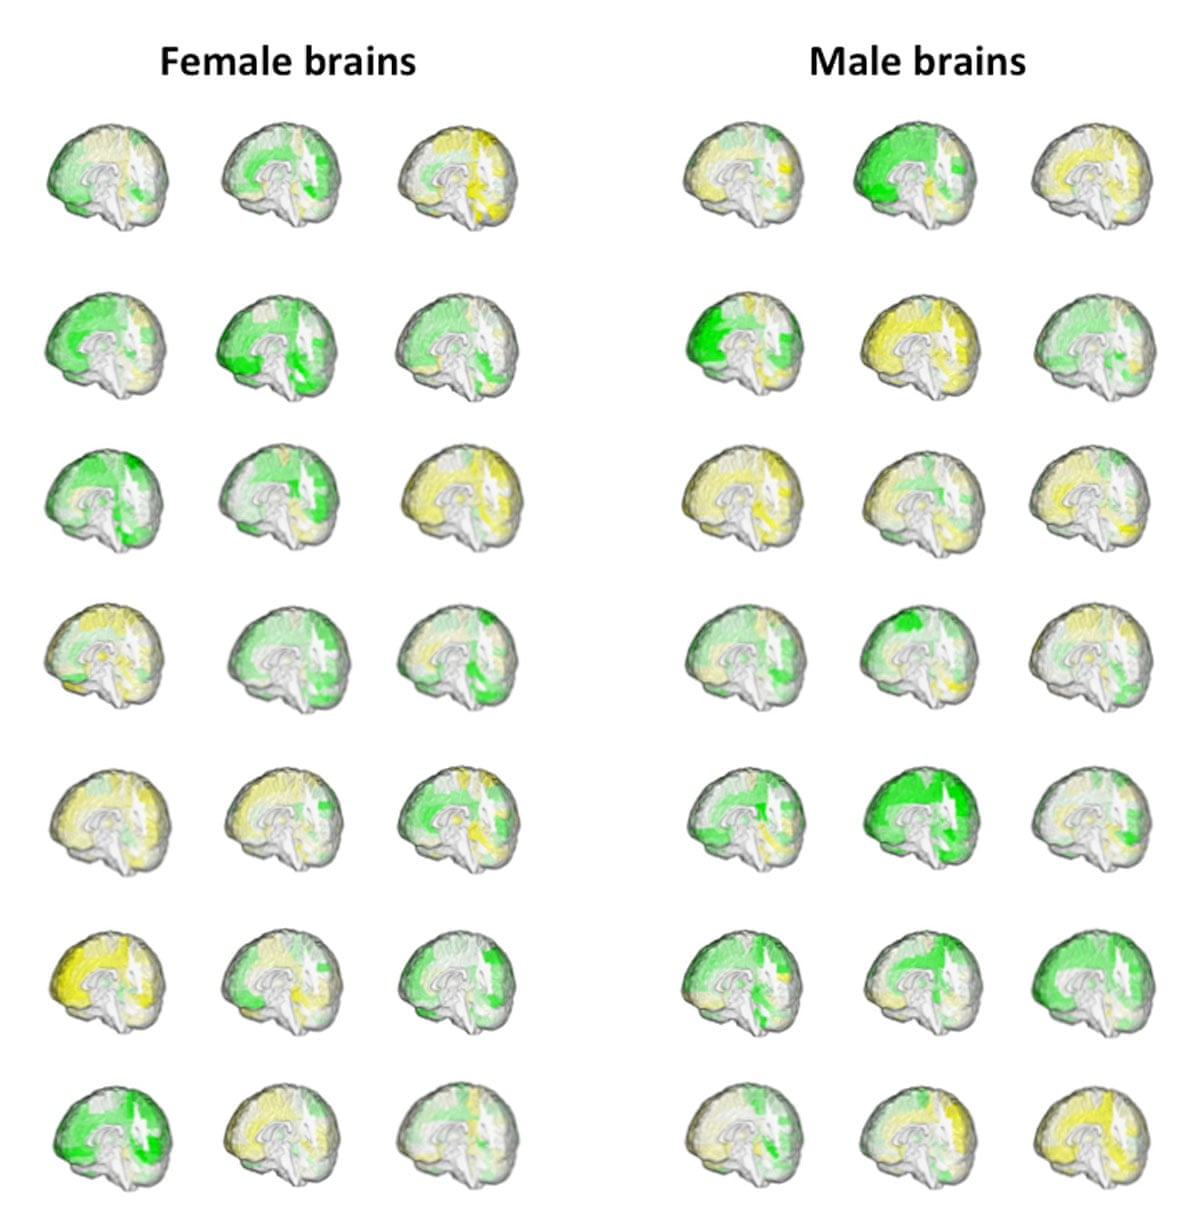 """""""Иллюстрация объема (зеленым - большой, желтым - маленький) областей мозга у 42 взрослых людей, показывающая пересечения между теми формами, которые может принимать мозг у мужчин и у женщин."""""""